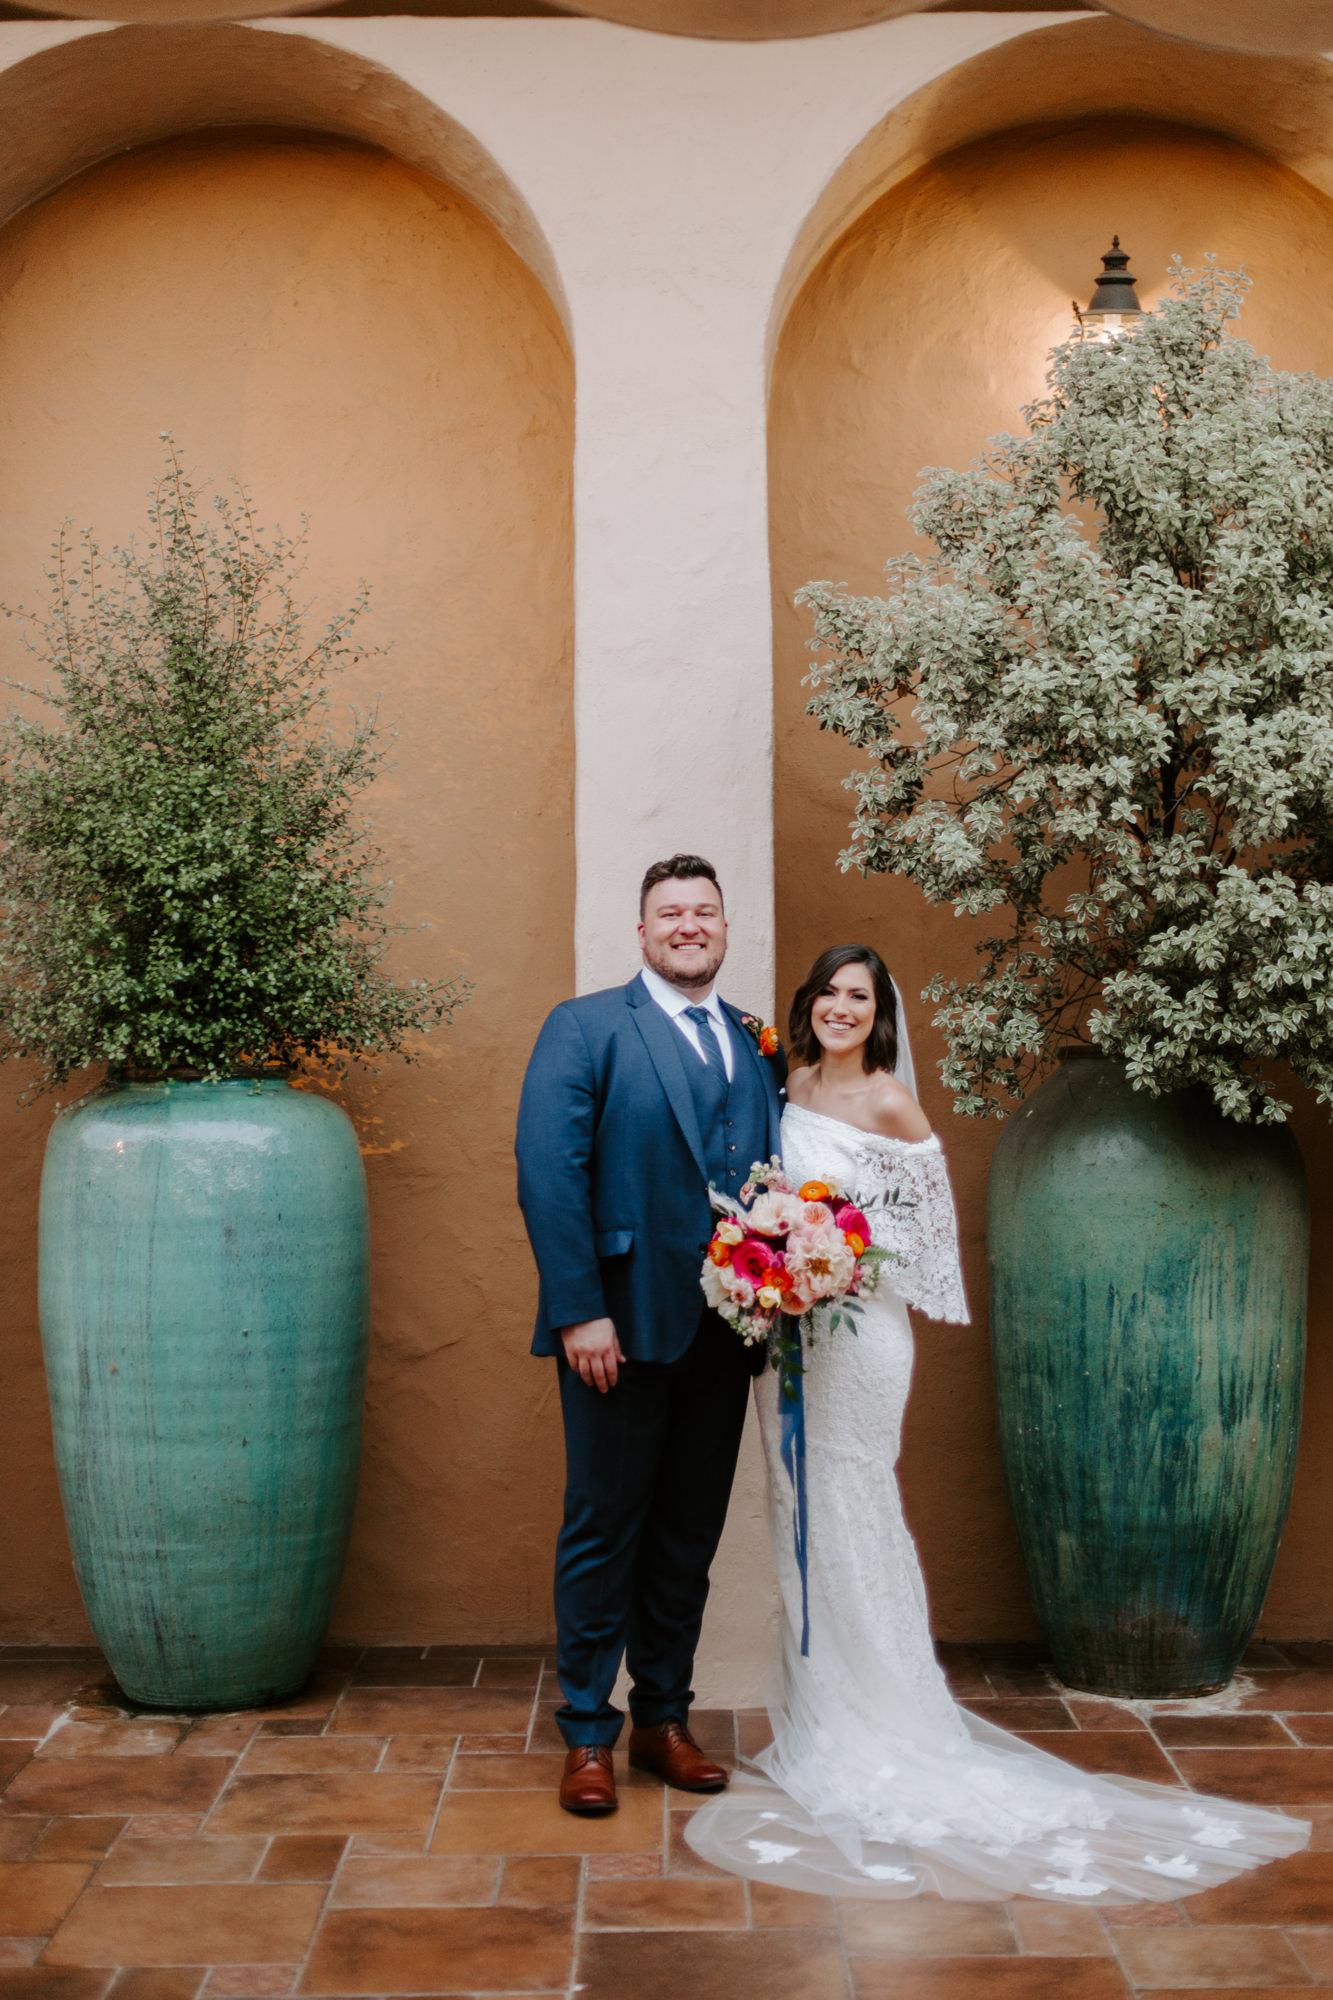 Rancho bernardo Inn san deigo wedding photography0078.jpg